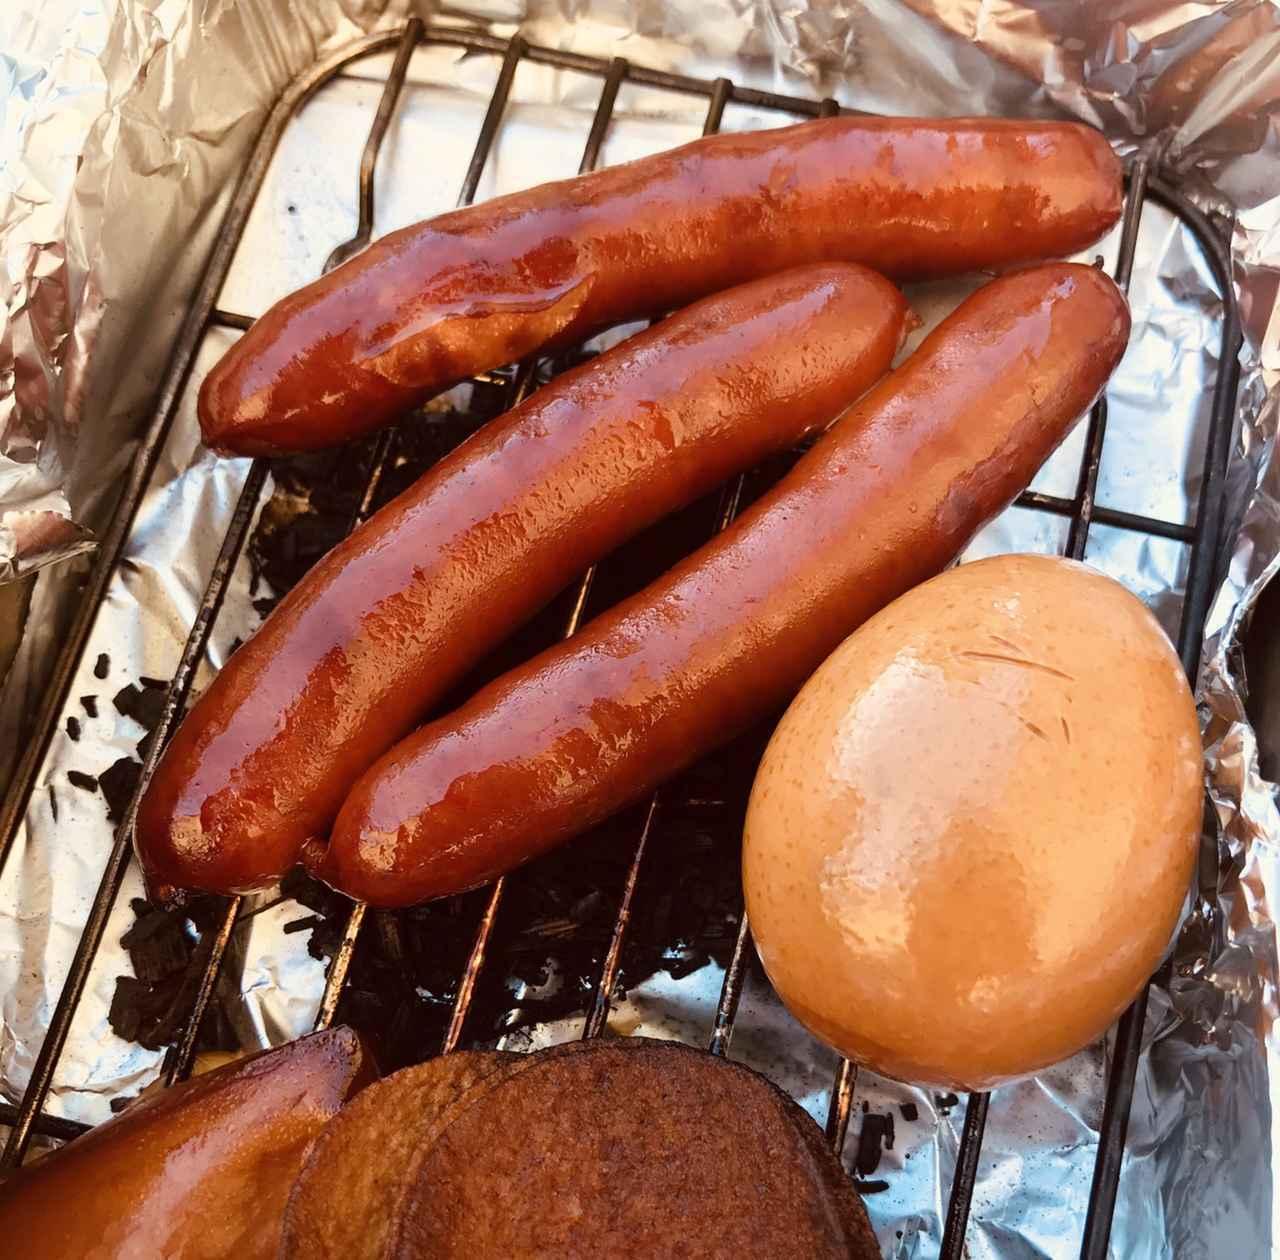 画像: 【超簡単レシピ】メスティンで、燻製料理をたった10分で美味しく作れる方法をご紹介 - ハピキャン(HAPPY CAMPER)